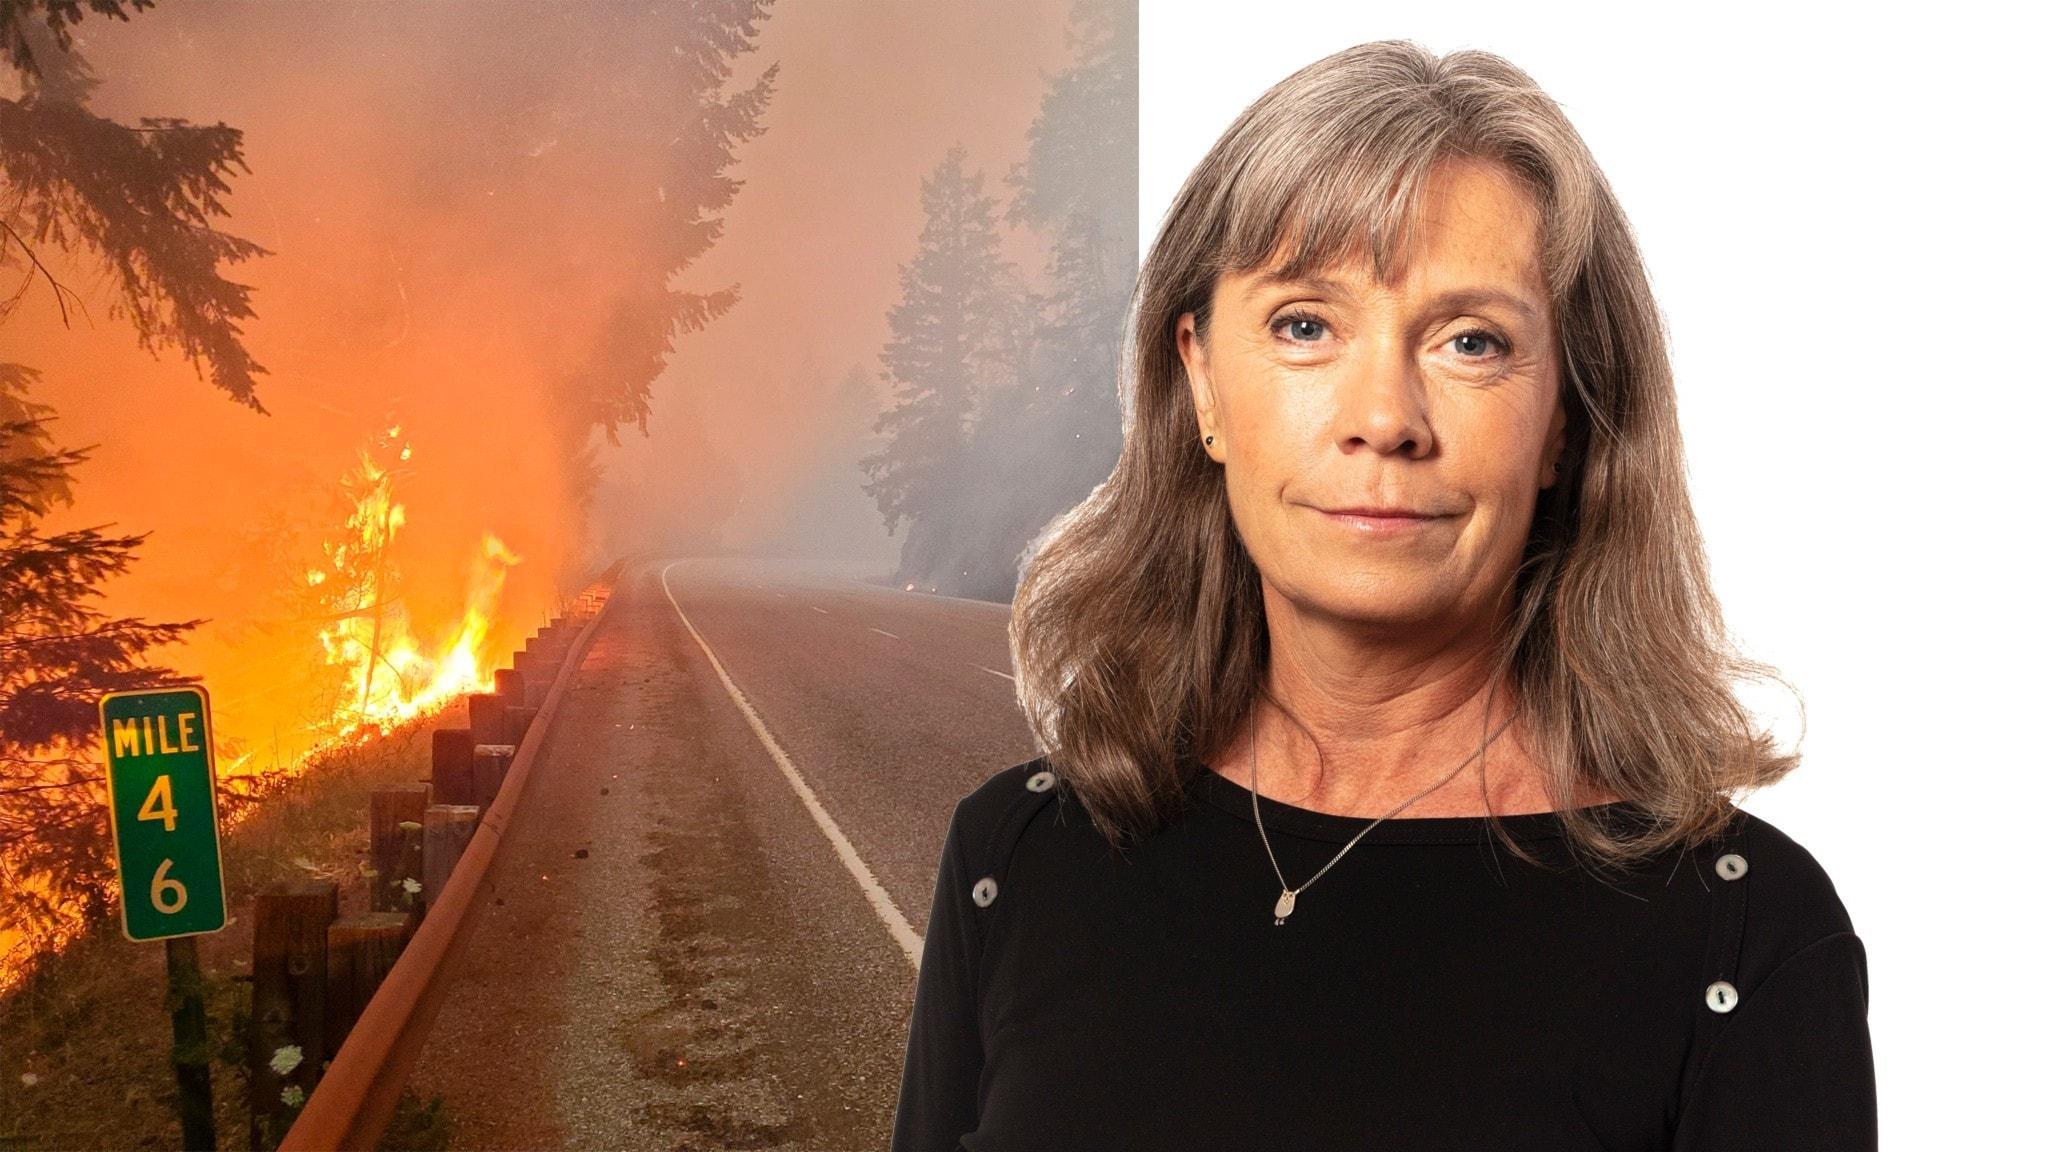 Tvådelad bild - en väg i USA där skogen brinner längs med sidan till vänster och Nina Benner till höger.